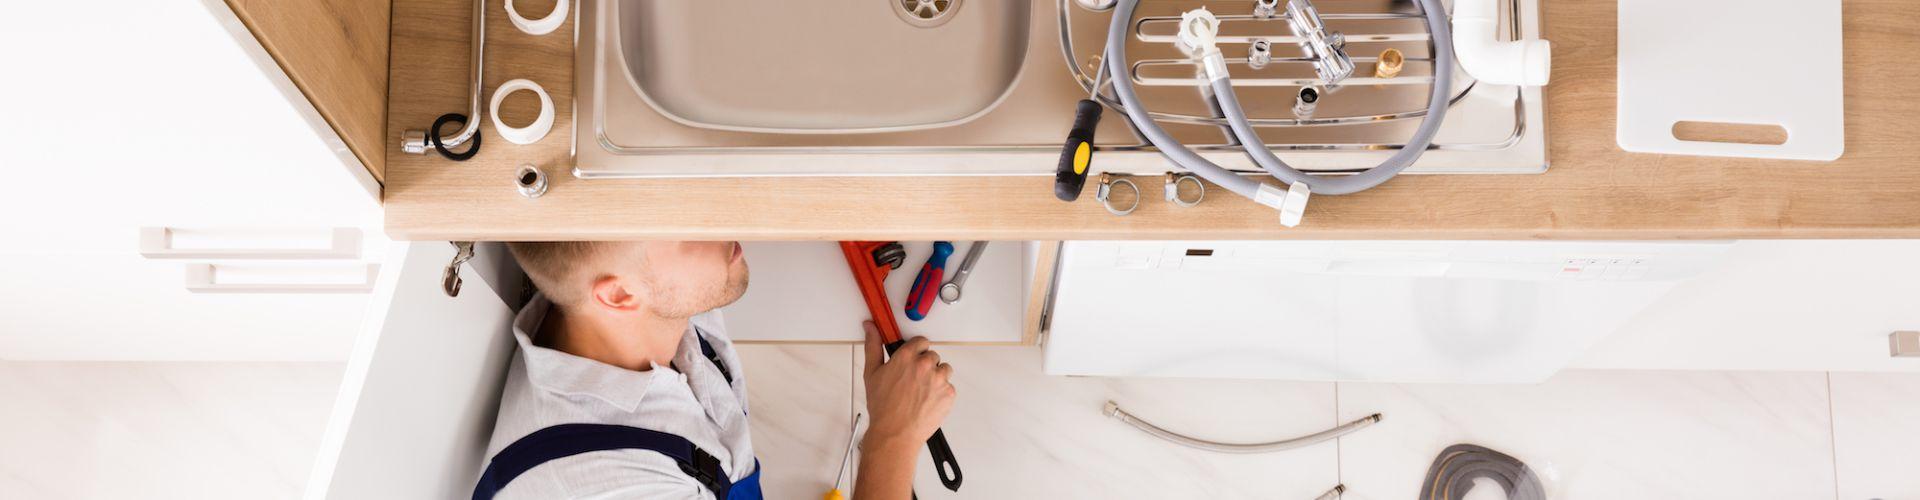 🚚 Günstige Küchenmontage und Elektroinstallation in München